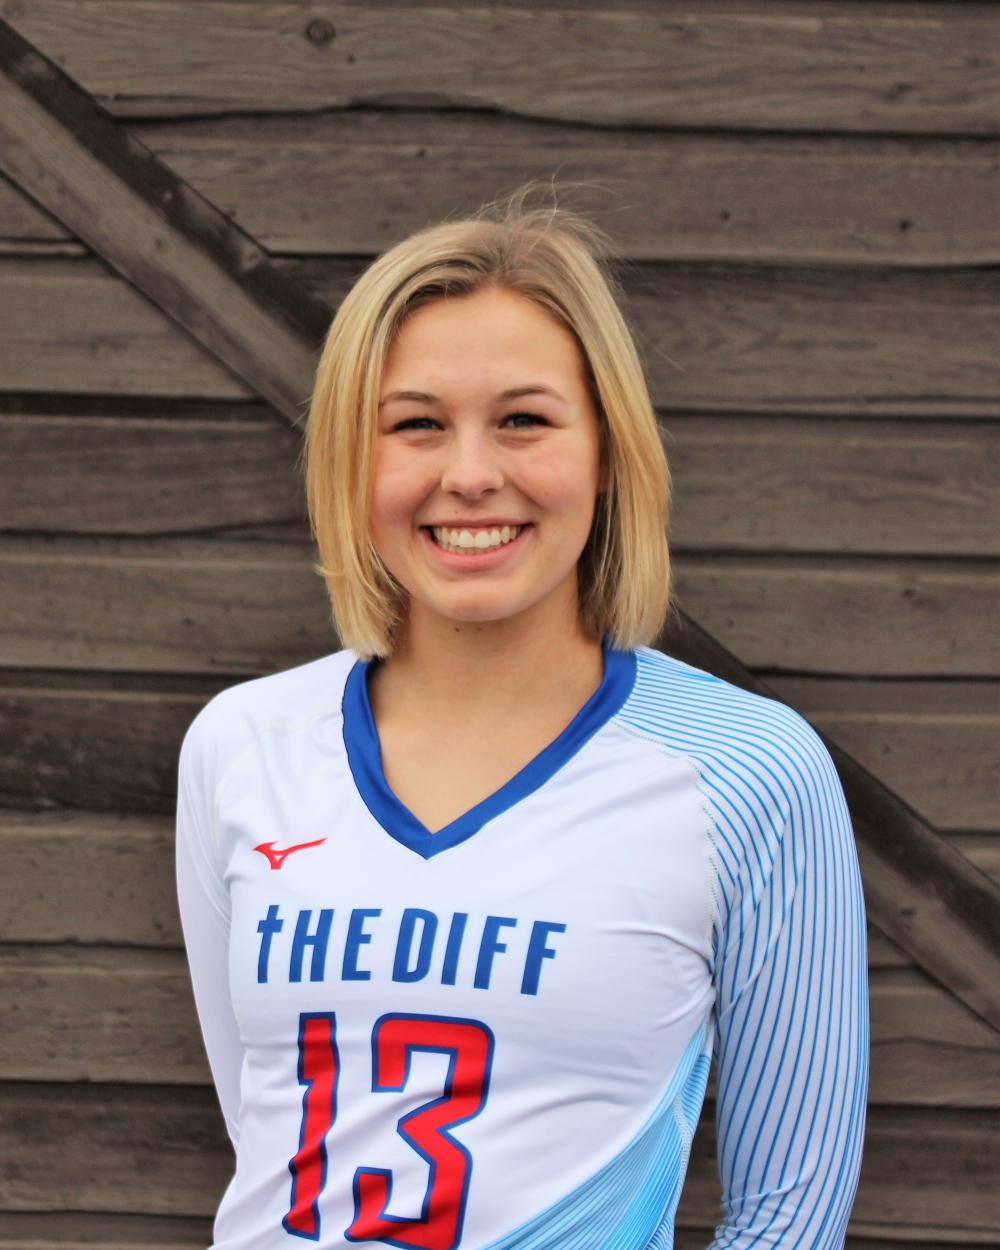 #13 Madison Schoeder